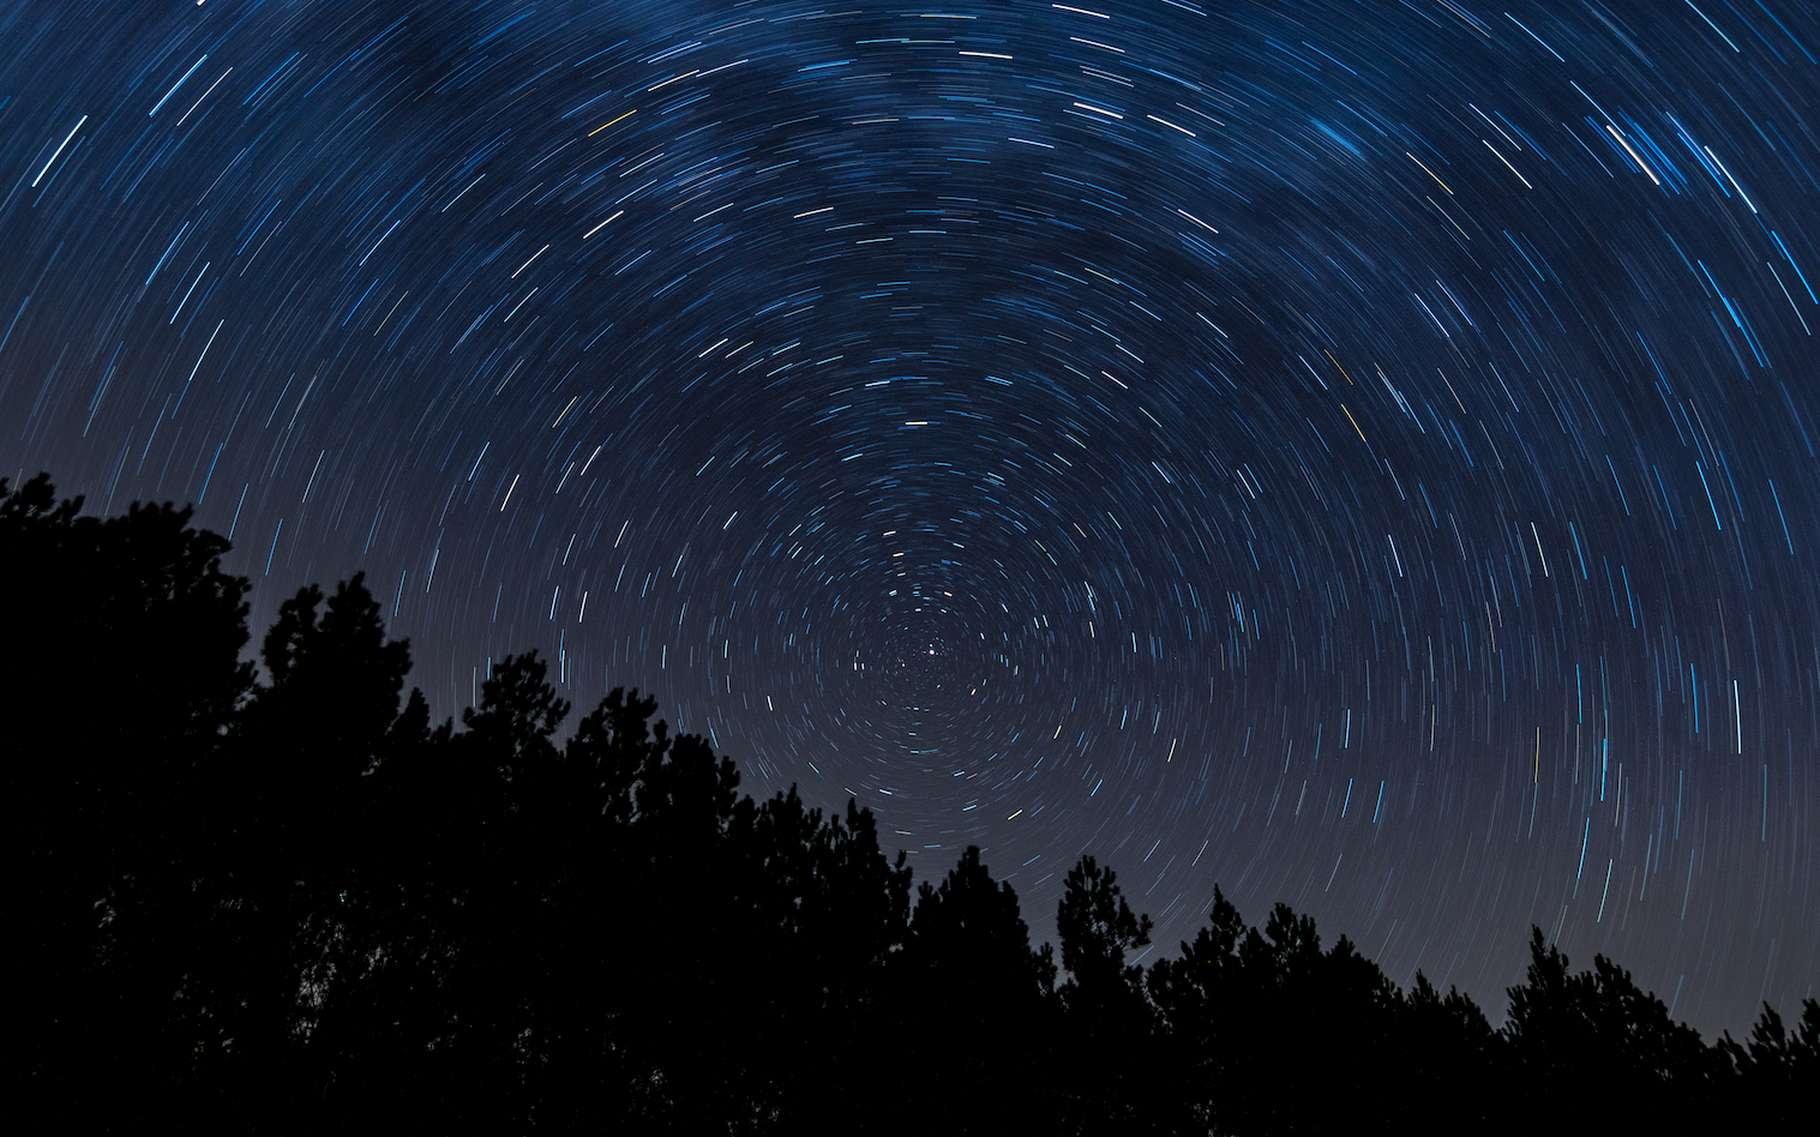 Certains rêvent de décrocher la Lune. À défaut, la European Association for Astronomy Education (EAAE) et l'Observatoire Européen Austral (ESO) proposent aux jeunes d'attraper des étoiles! © Stephen Rahn, Isorepublic, CC0 Creative Commons